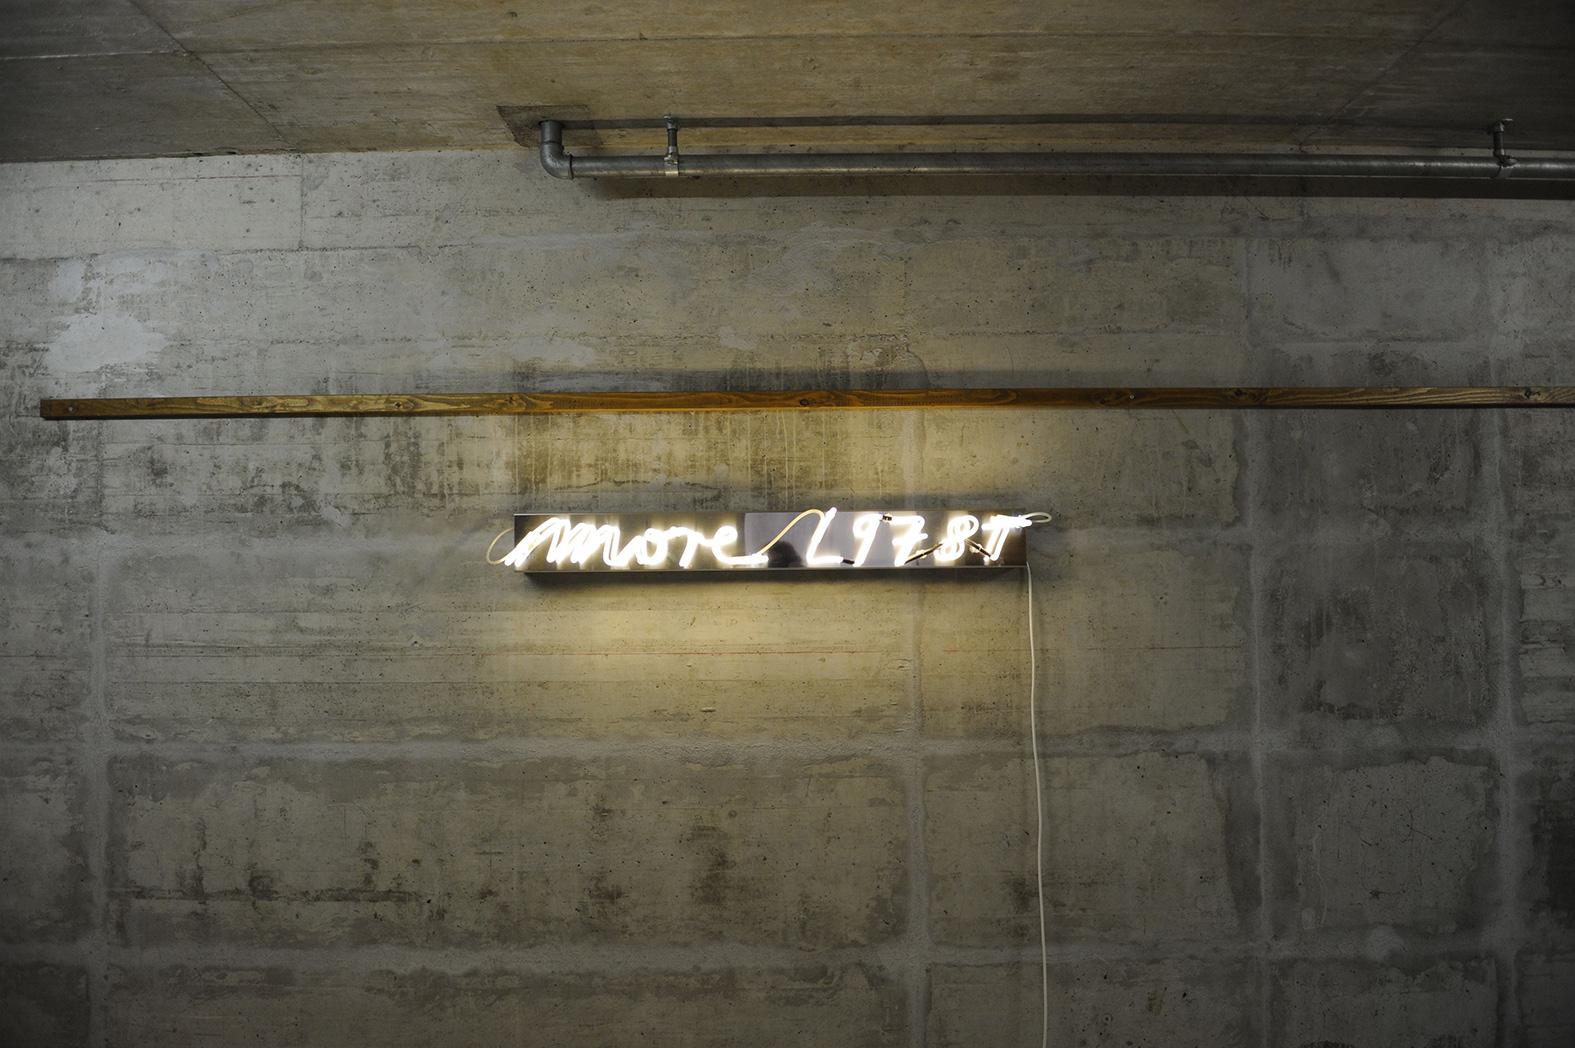 Kowanz-Brigitte-More-Light-2007-2-web.jpg